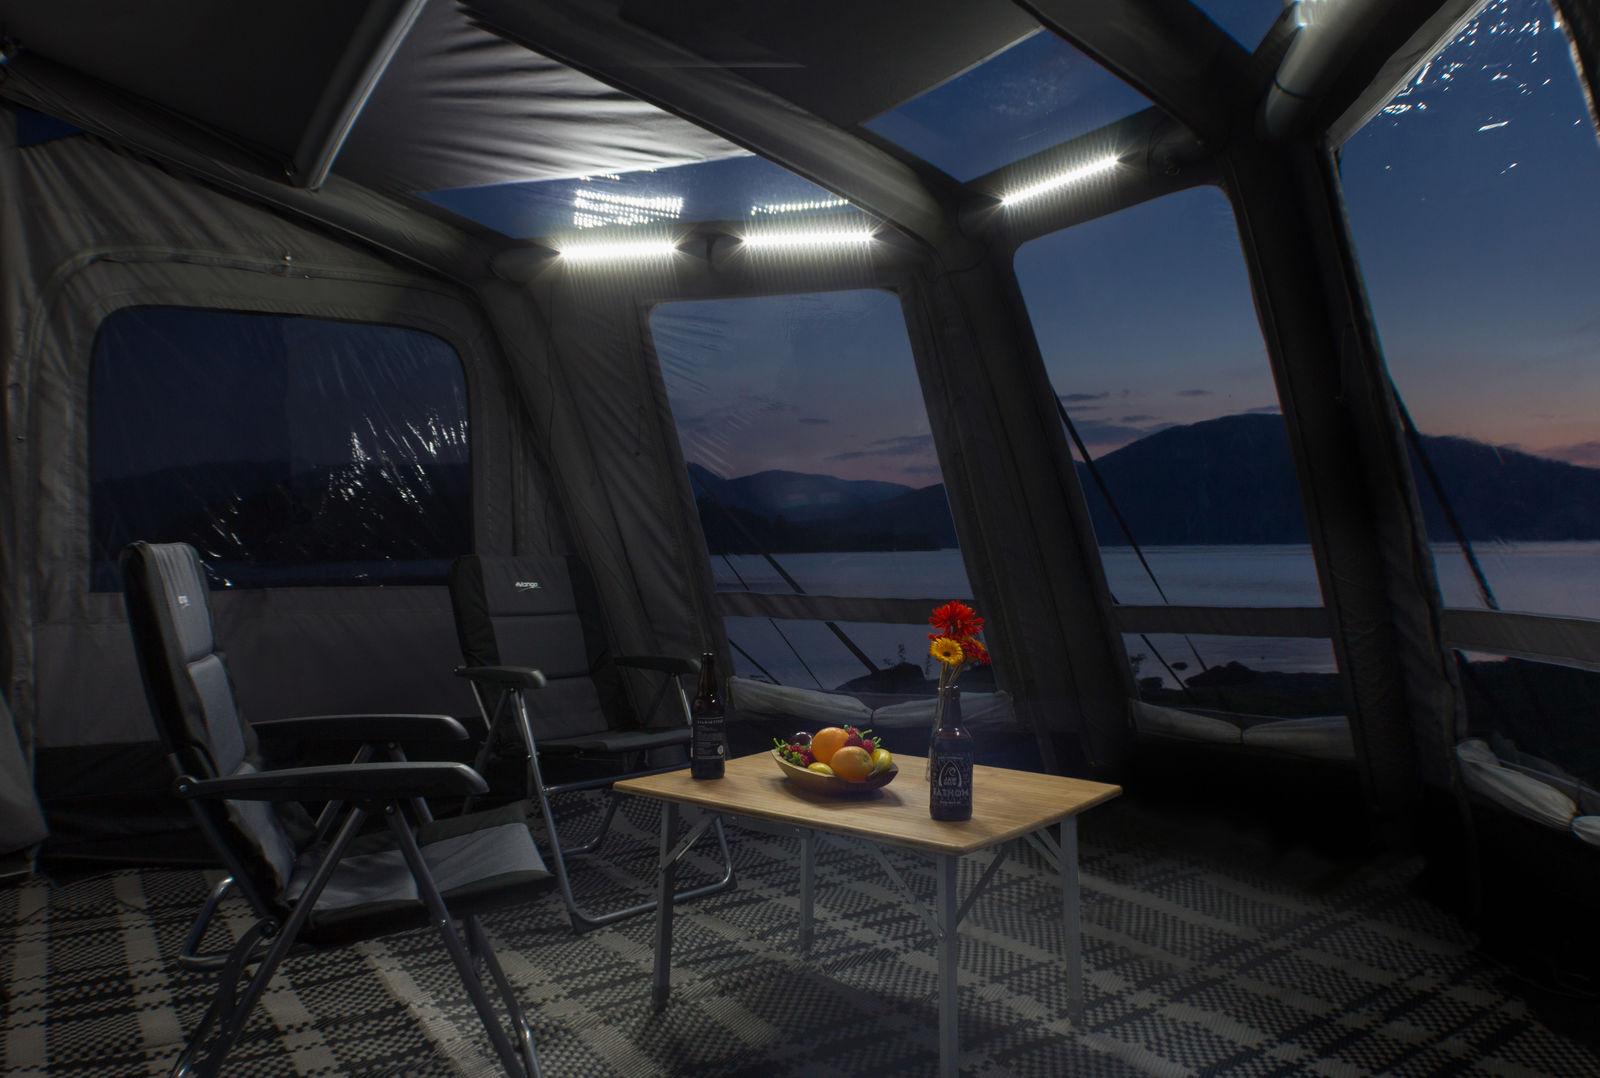 Vango AirBeam caravan awnings